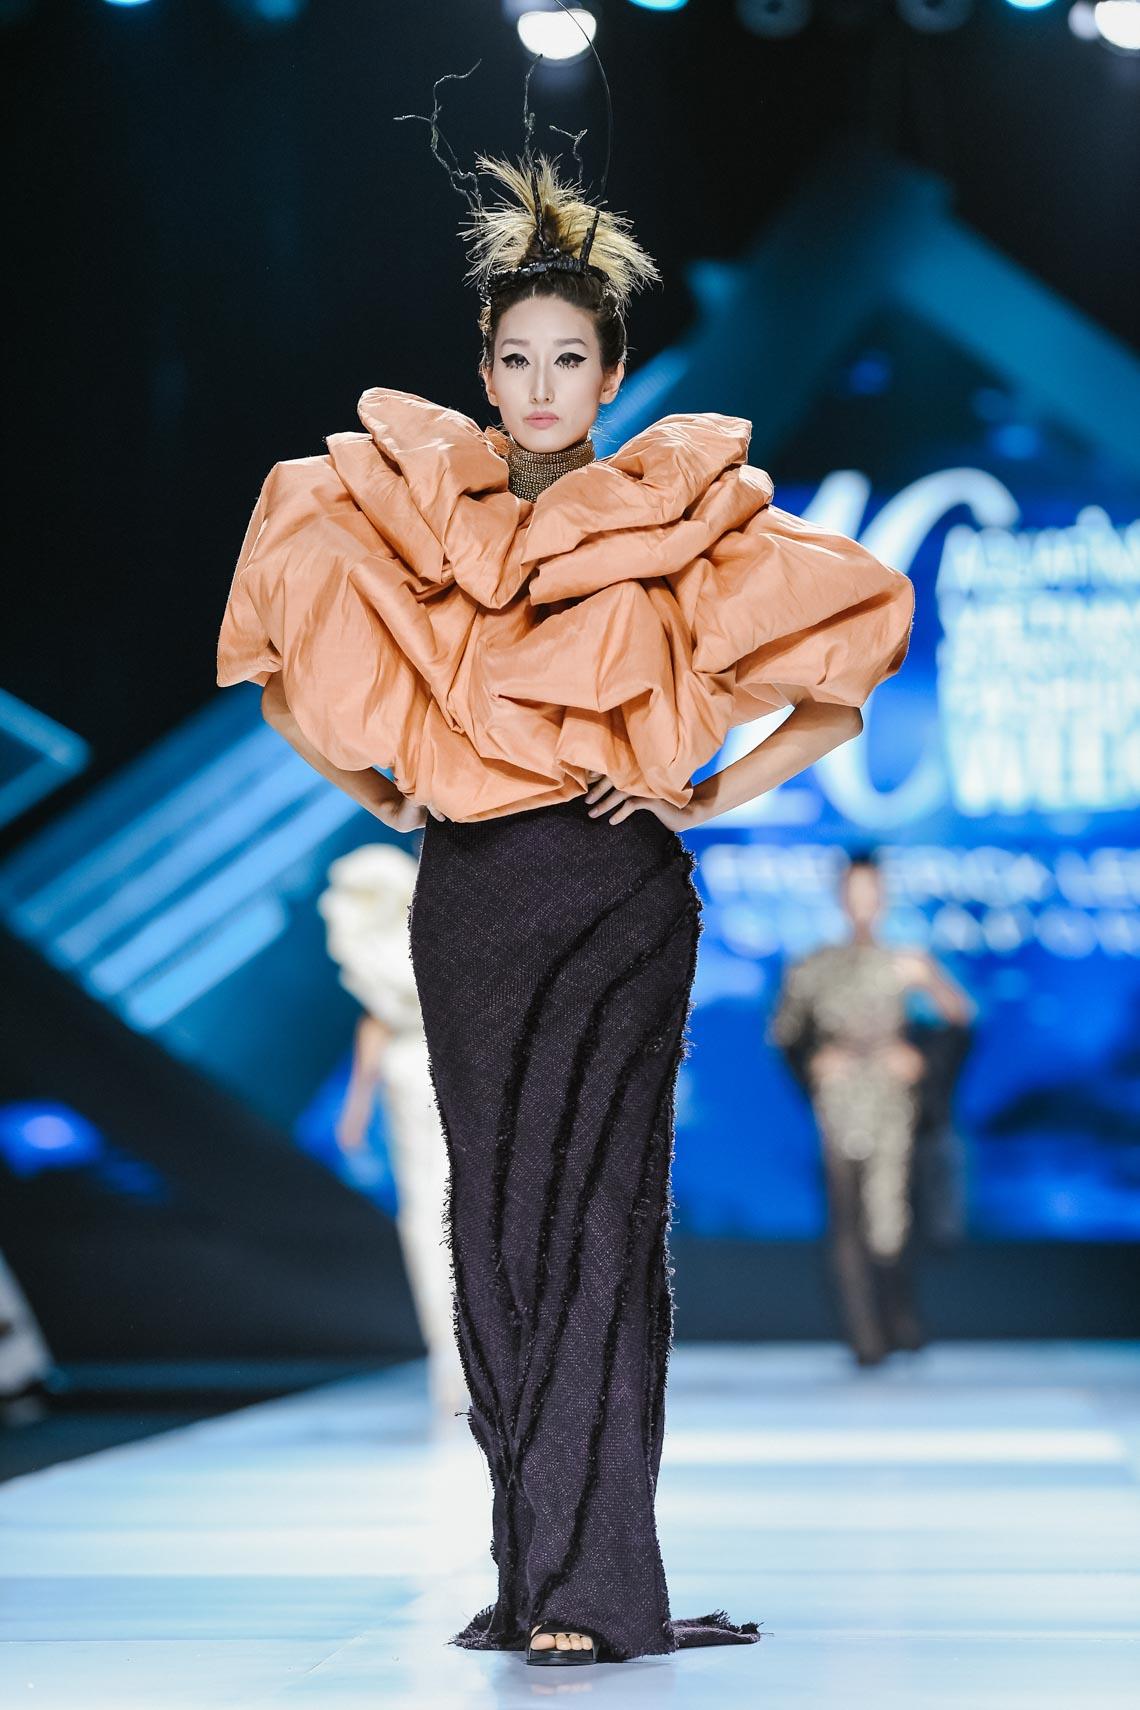 Siêu mẫu Thanh Hằng trong BST mới nhất của Frederick Lee trên sàn diễn Tuần lễ Thời trang Quốc tế Việt Nam Thu Đông 2019 - 18